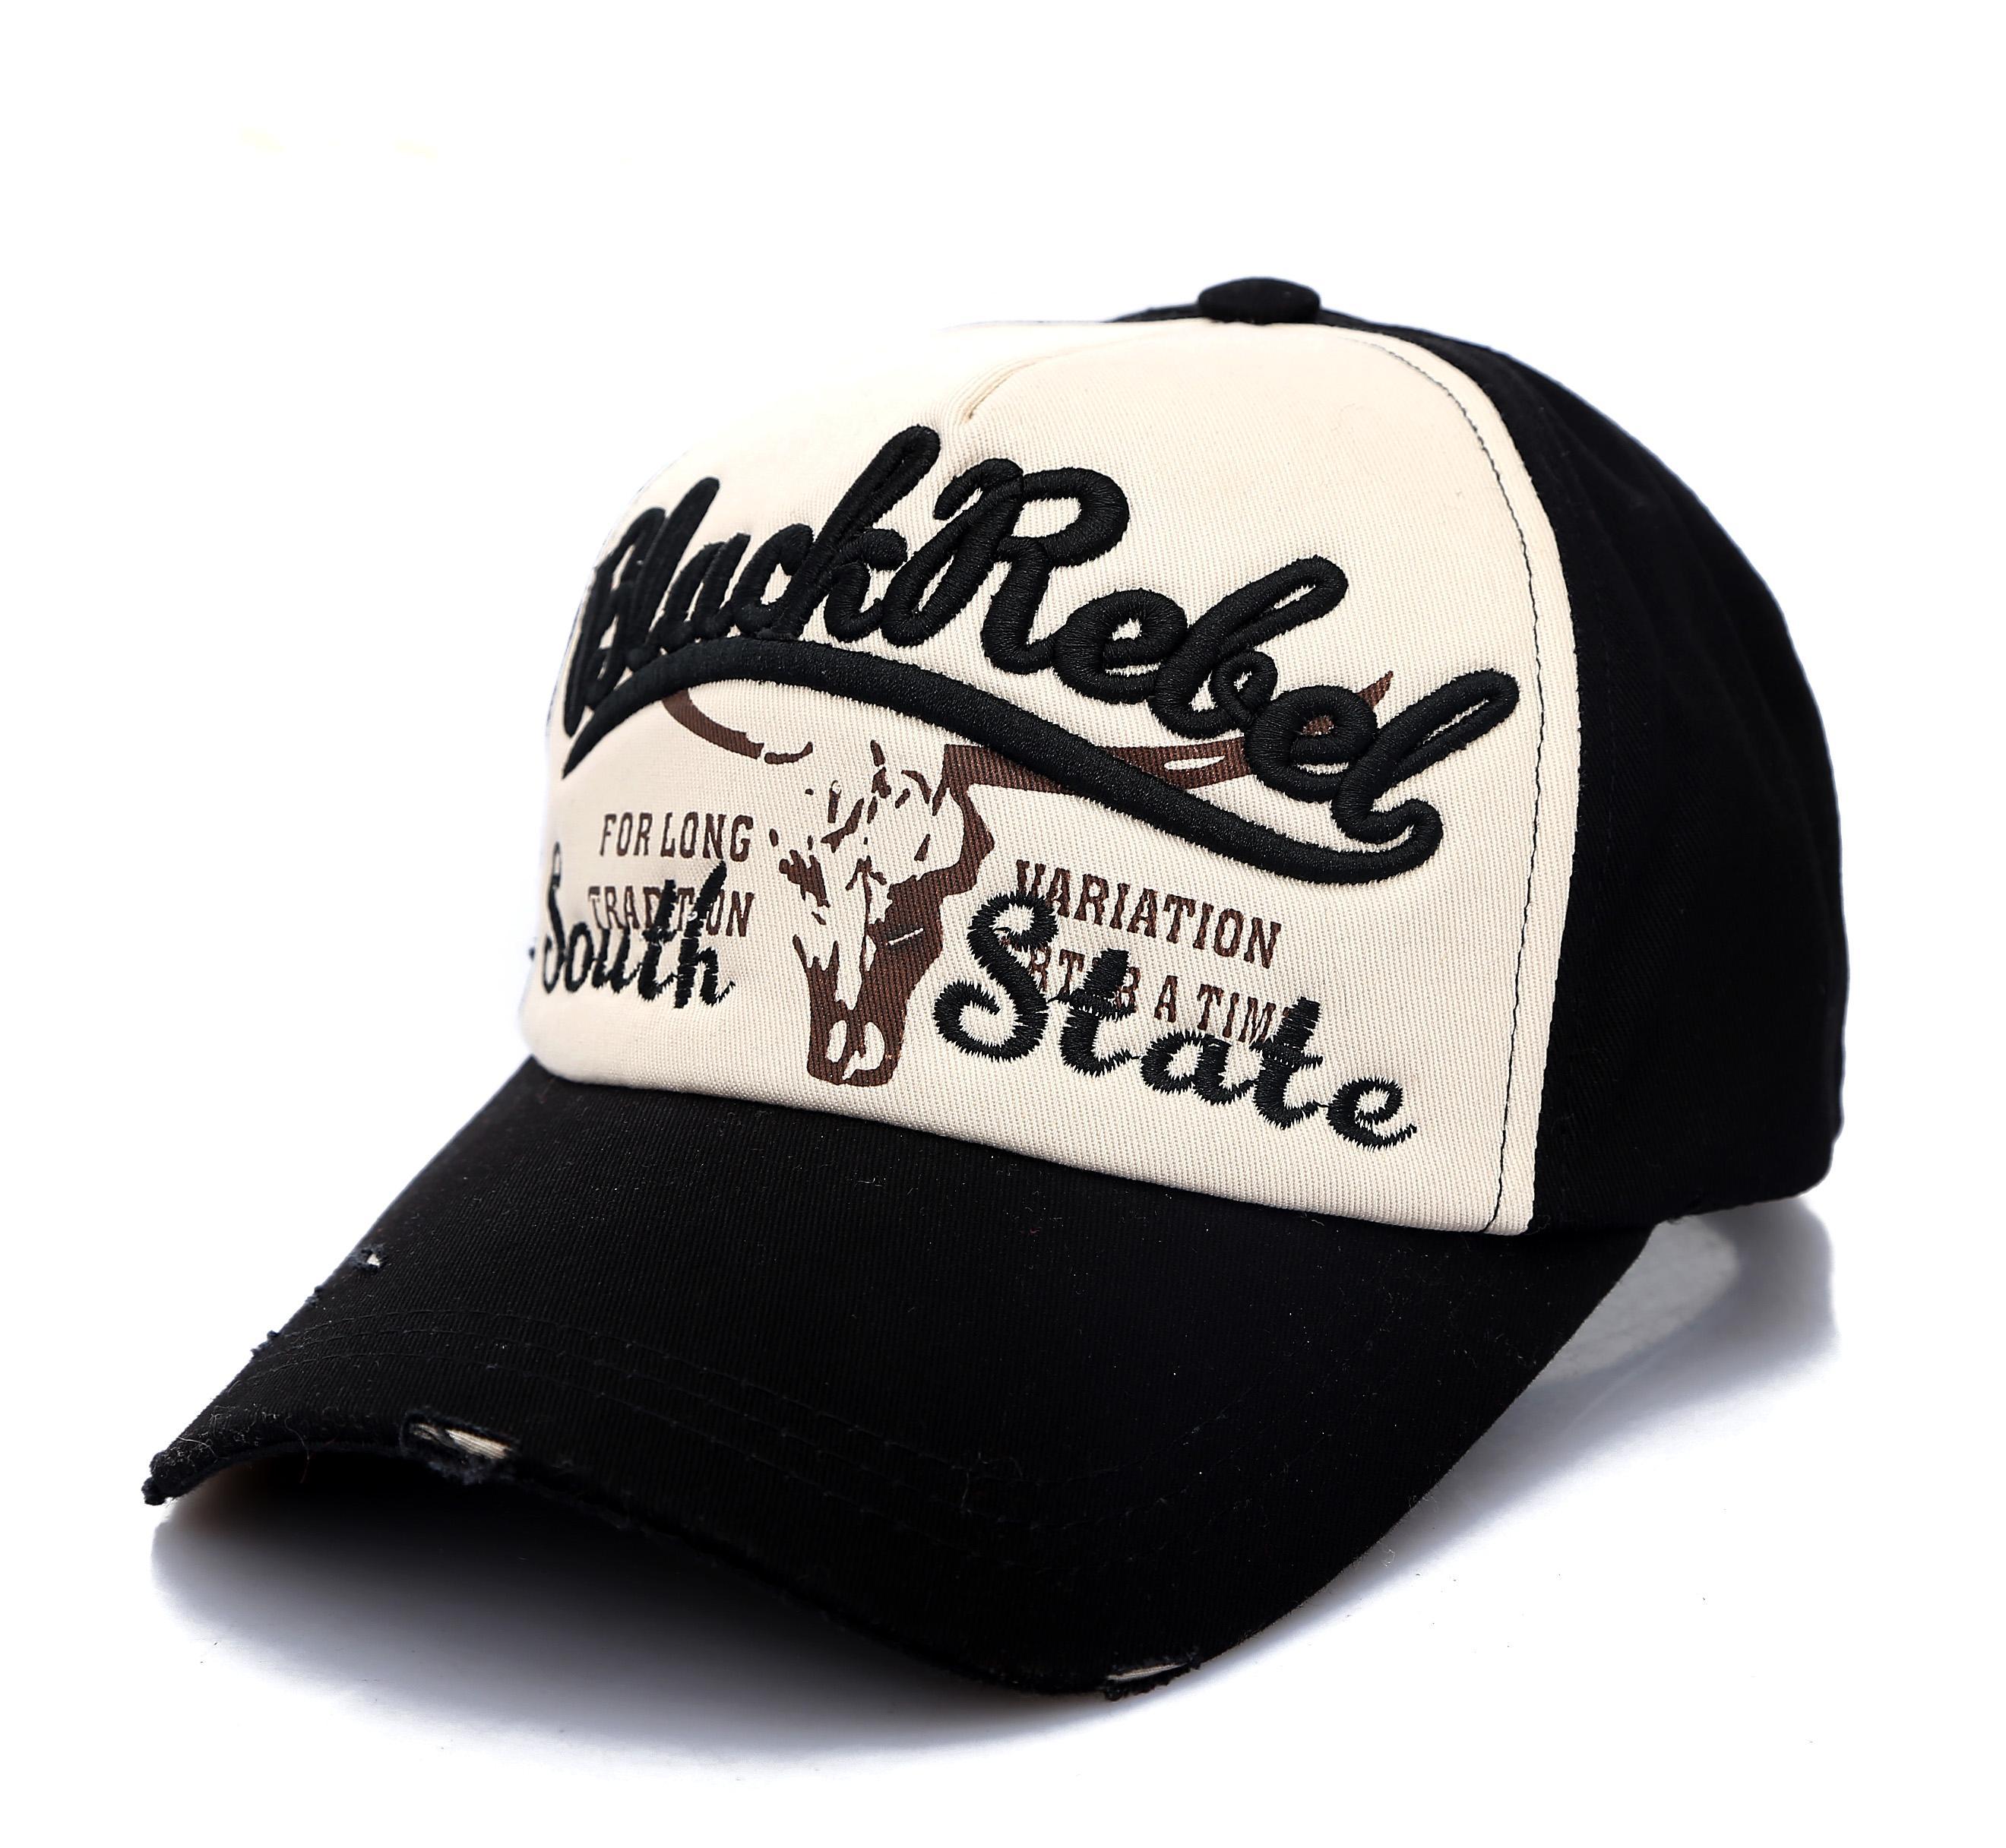 牛仔帽  牛仔帽 鸭舌帽,钟型帽,三角尖帽 cacuss韩版帽子男士潮春夏